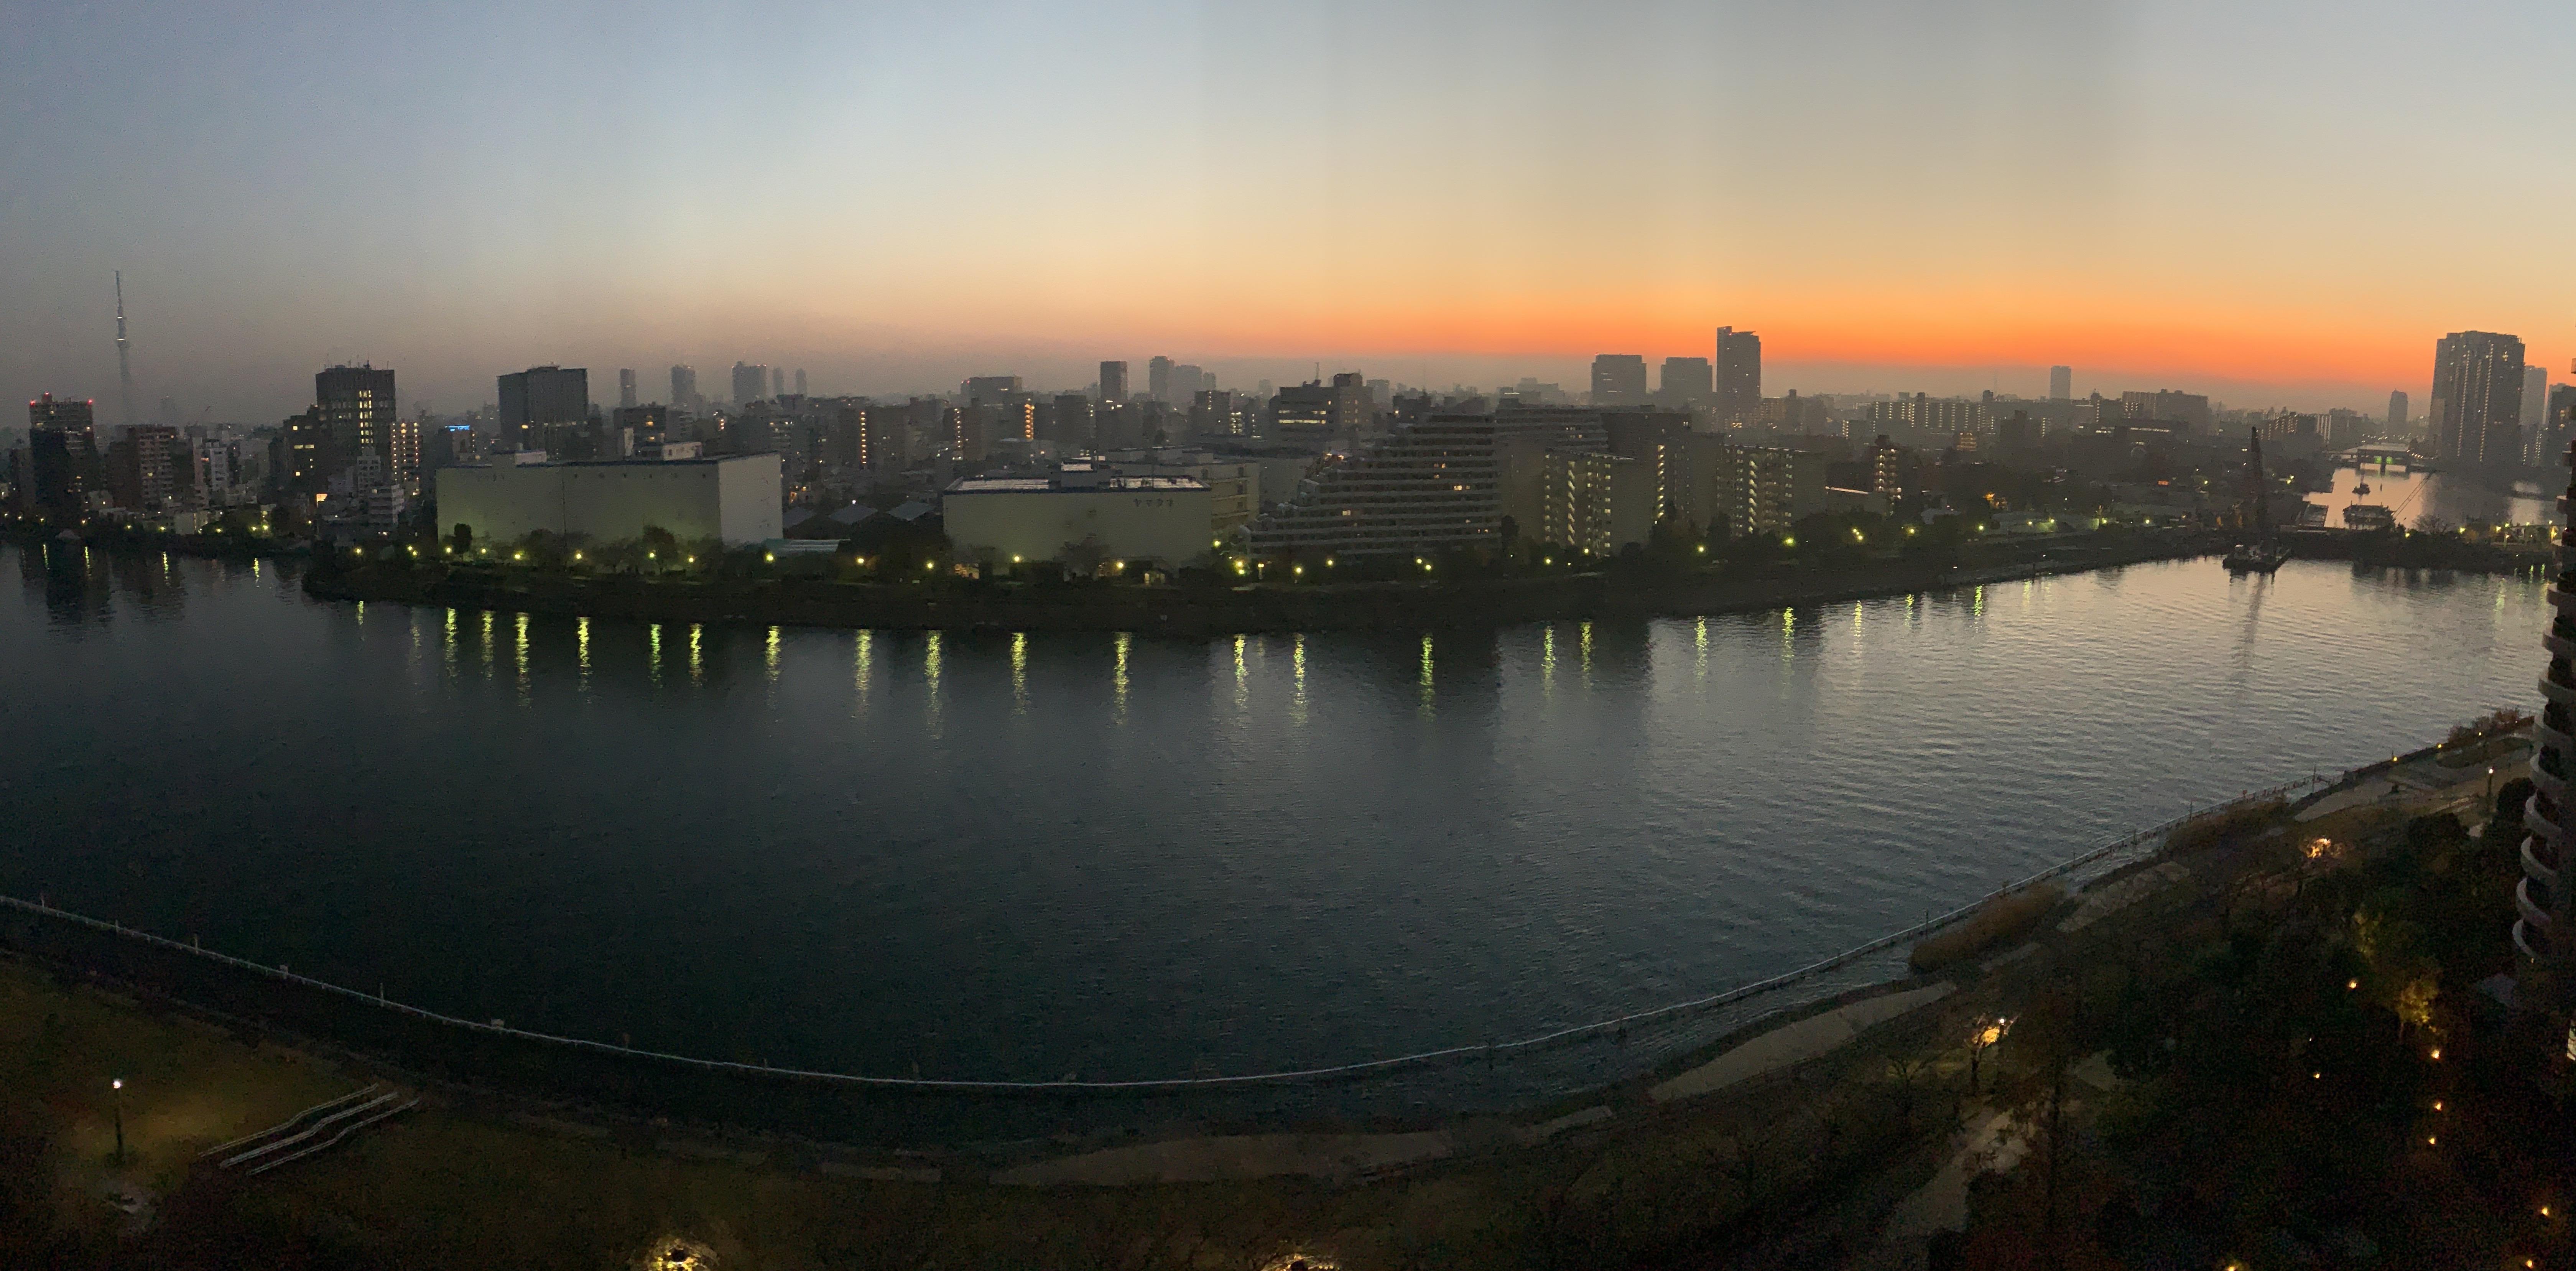 夜明け前「朝の時間を優雅に」